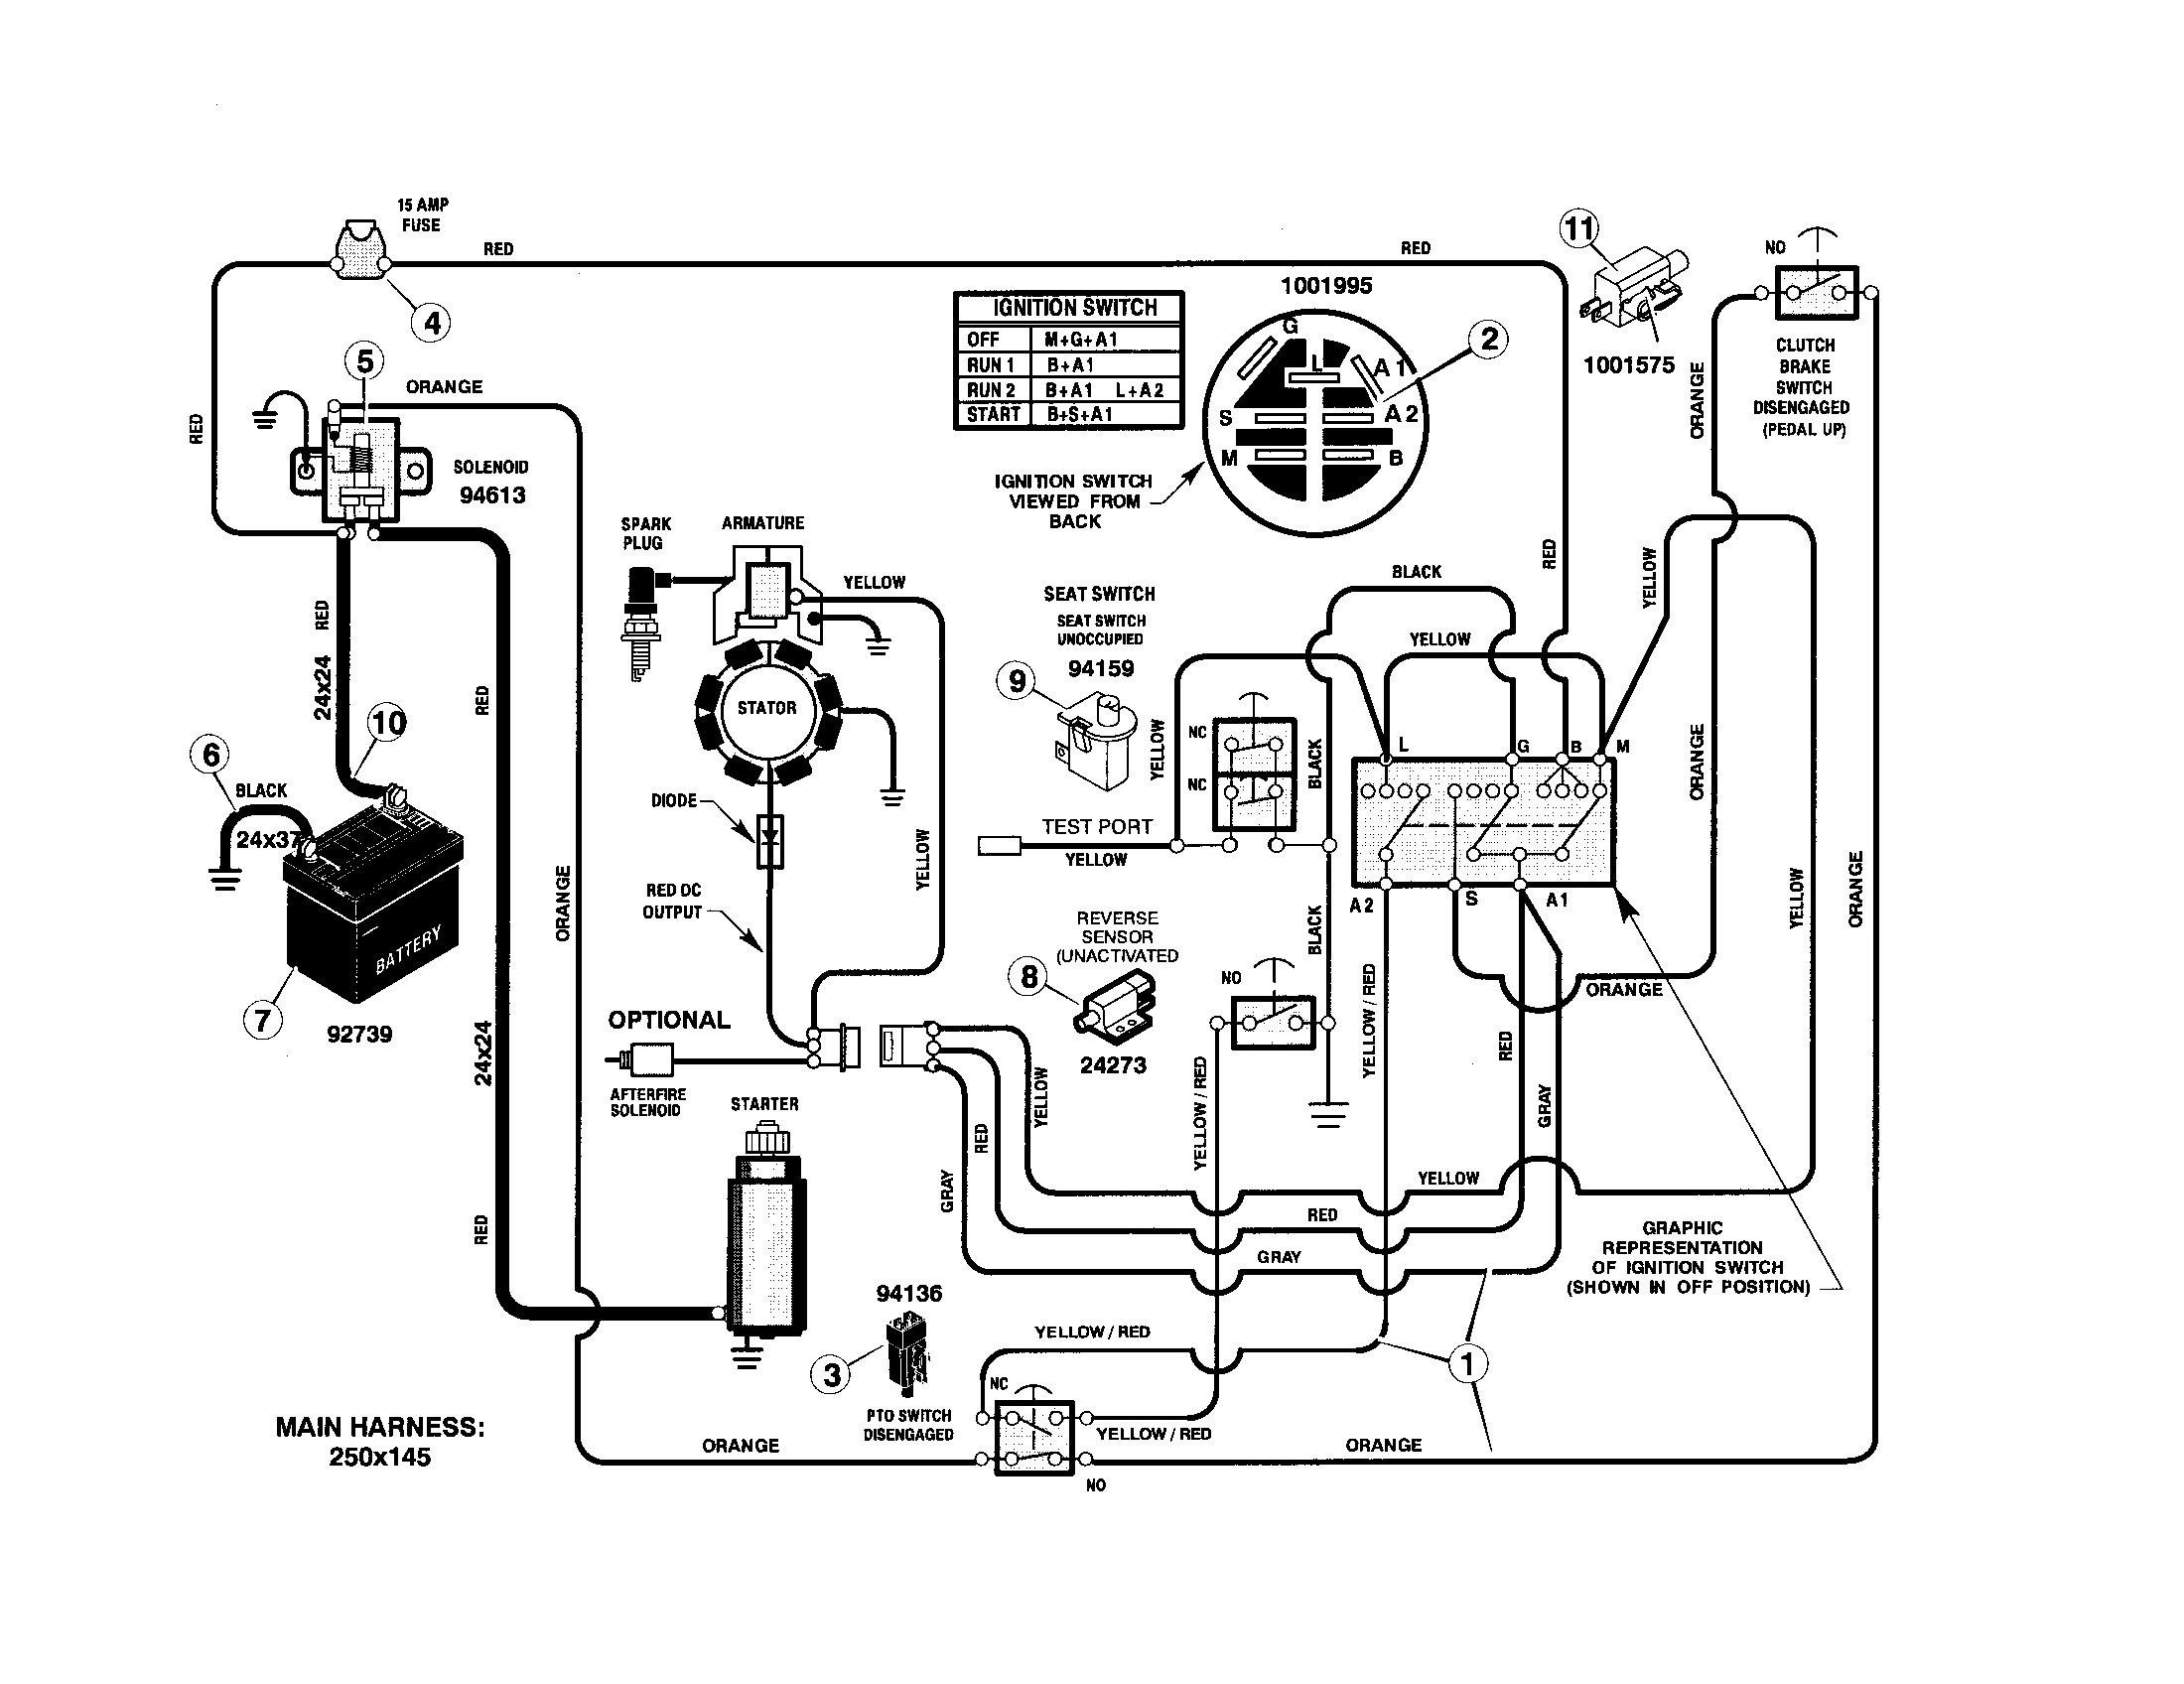 John Deere 345 Dash Wiring Diagram Scotts 1742g Wiring Diagram Of John Deere 345 Dash Wiring Diagram